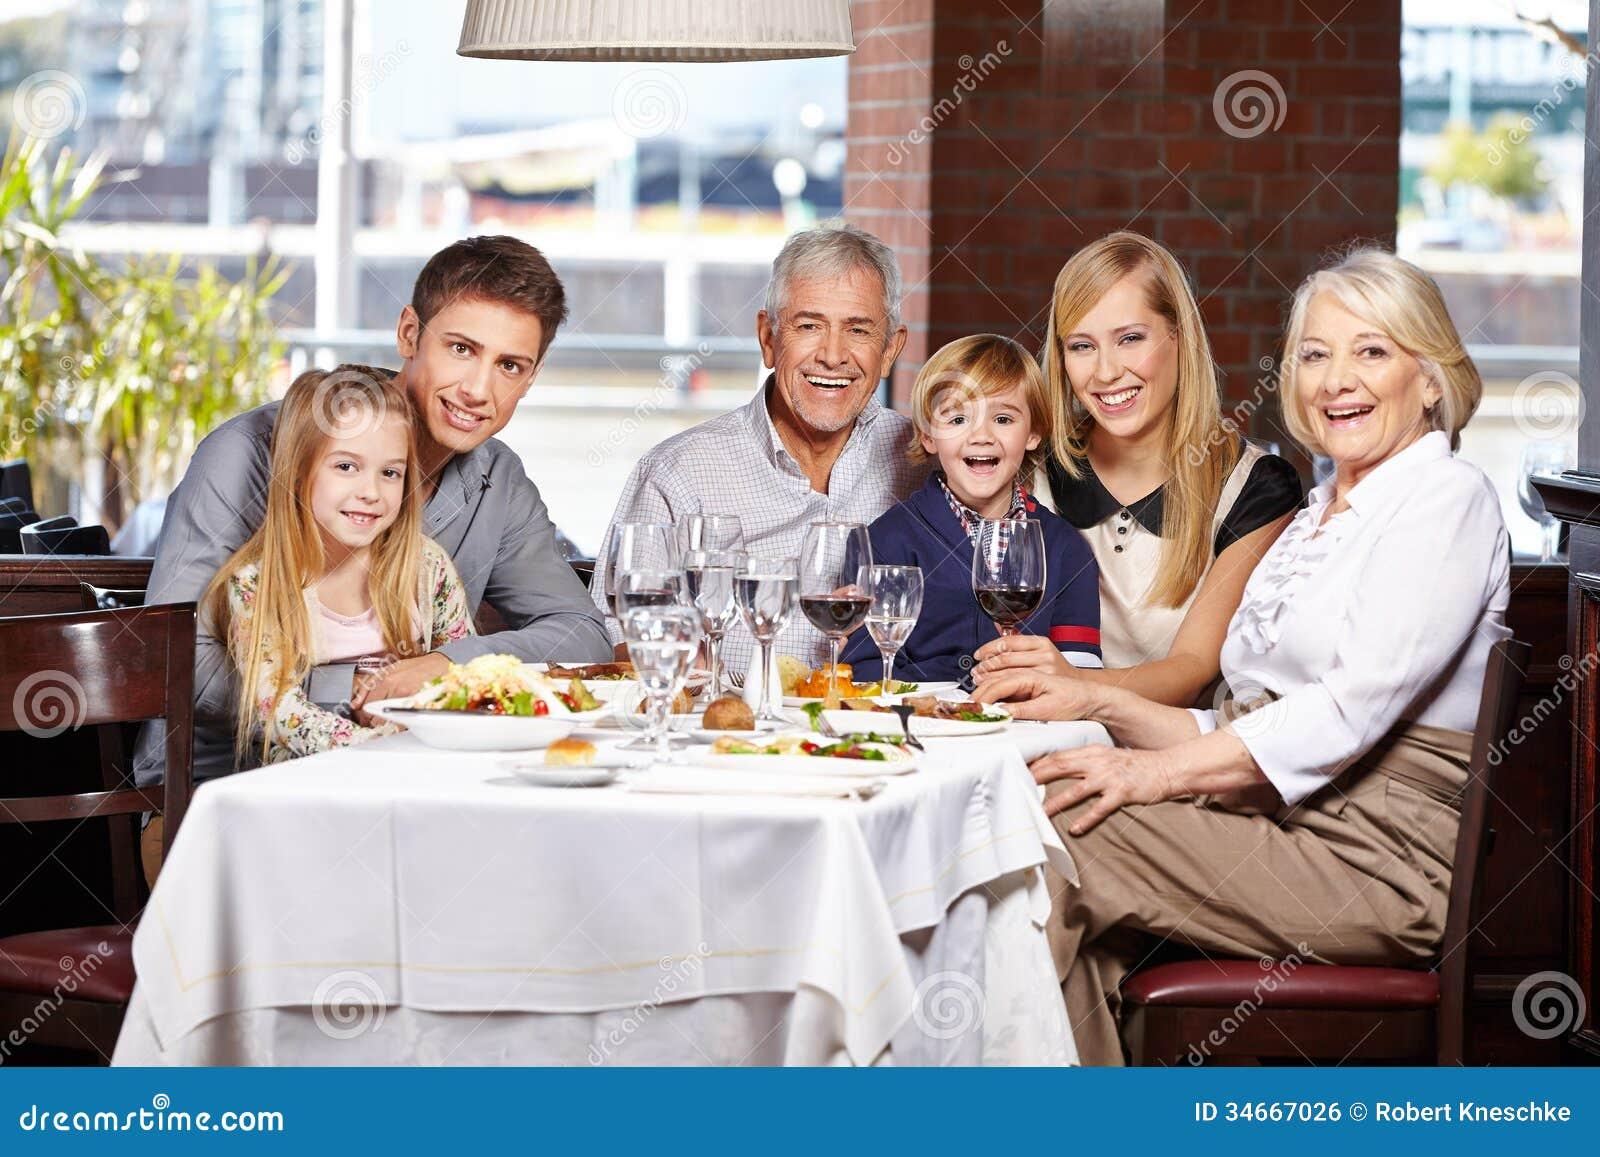 Familj med barn och pensionärer